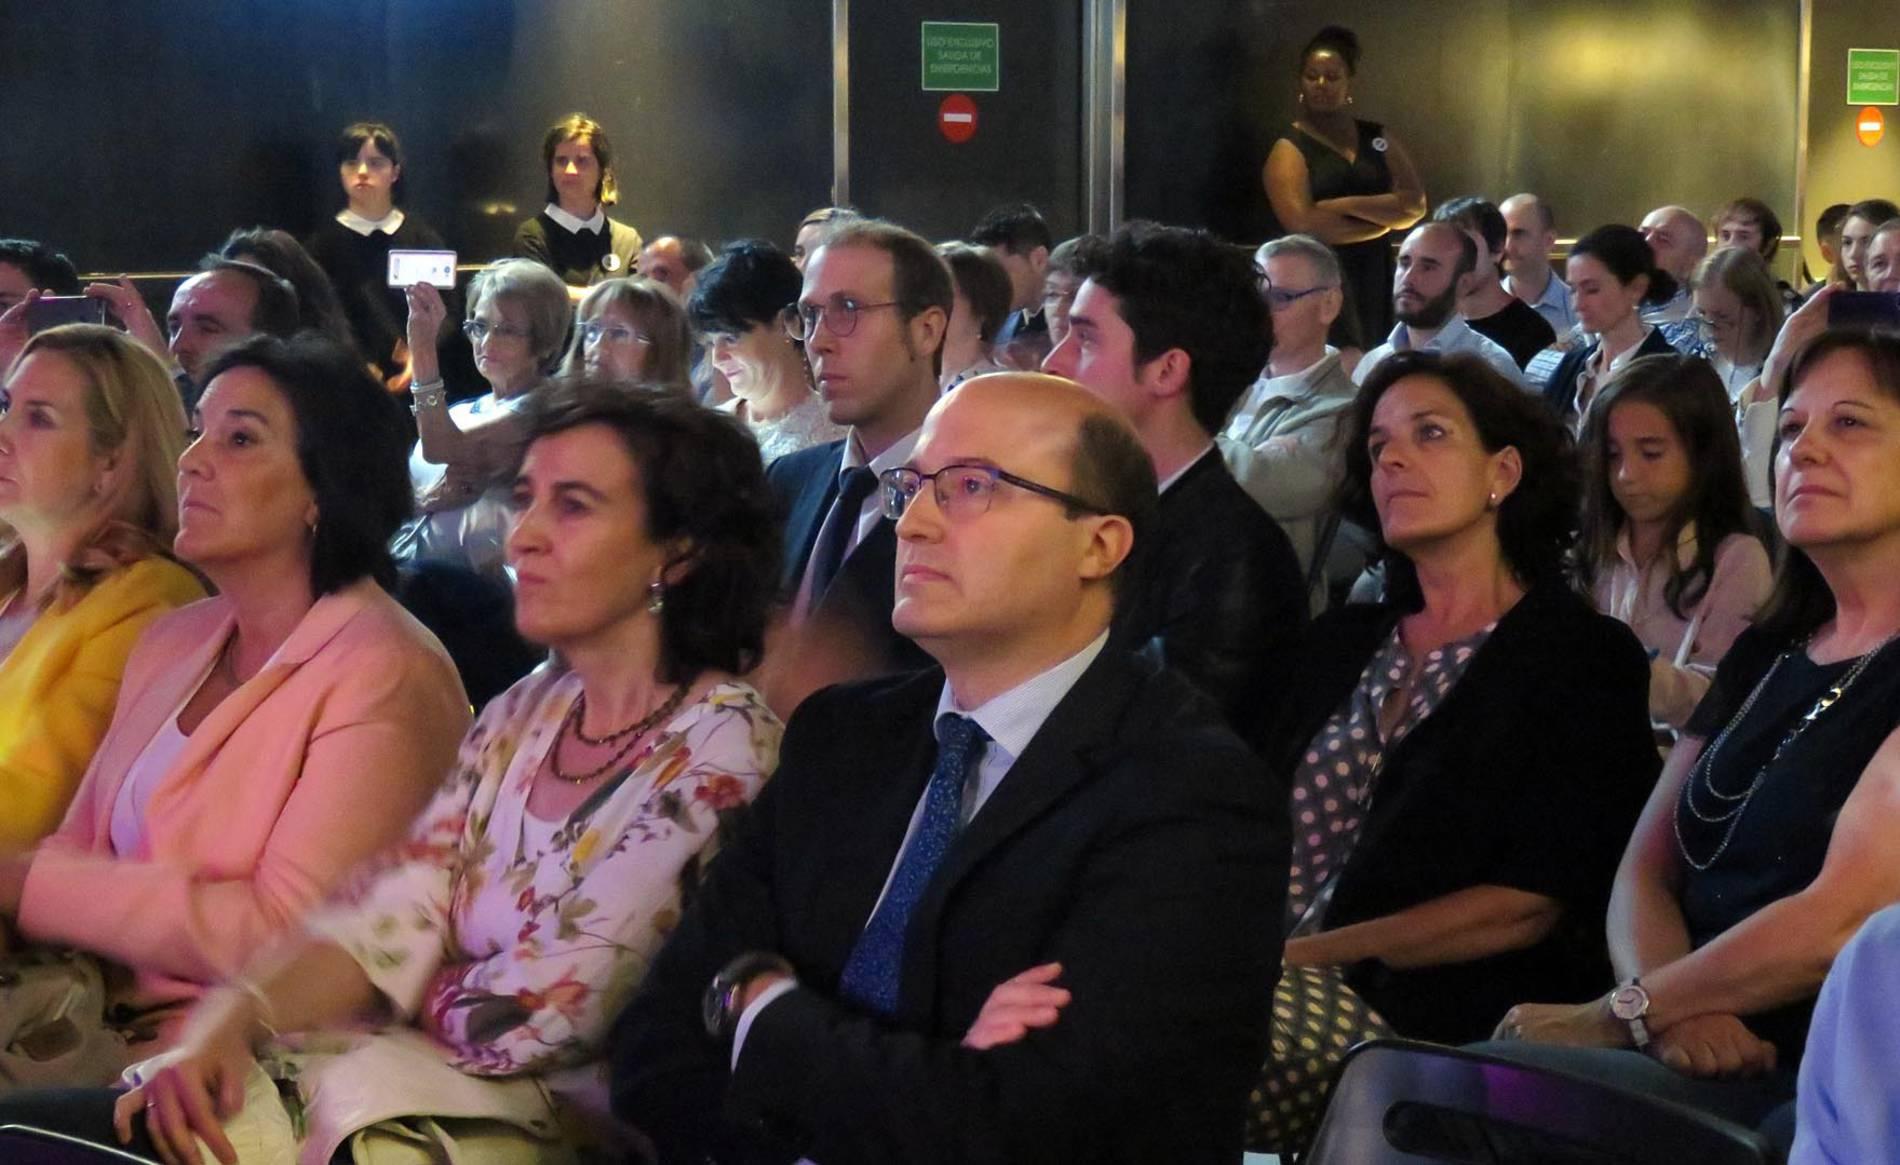 Entrega de Premios AJE 2016 (I) (1/31) - Acto de entrega de los Premios Joven Empresario Navarro 2016, organizada por AJE Navarra en el Zentral, en la que Ciro Larrañeta, CEO de Tetrace, consiguió el Premio al Joven Empresario. - DN Management -